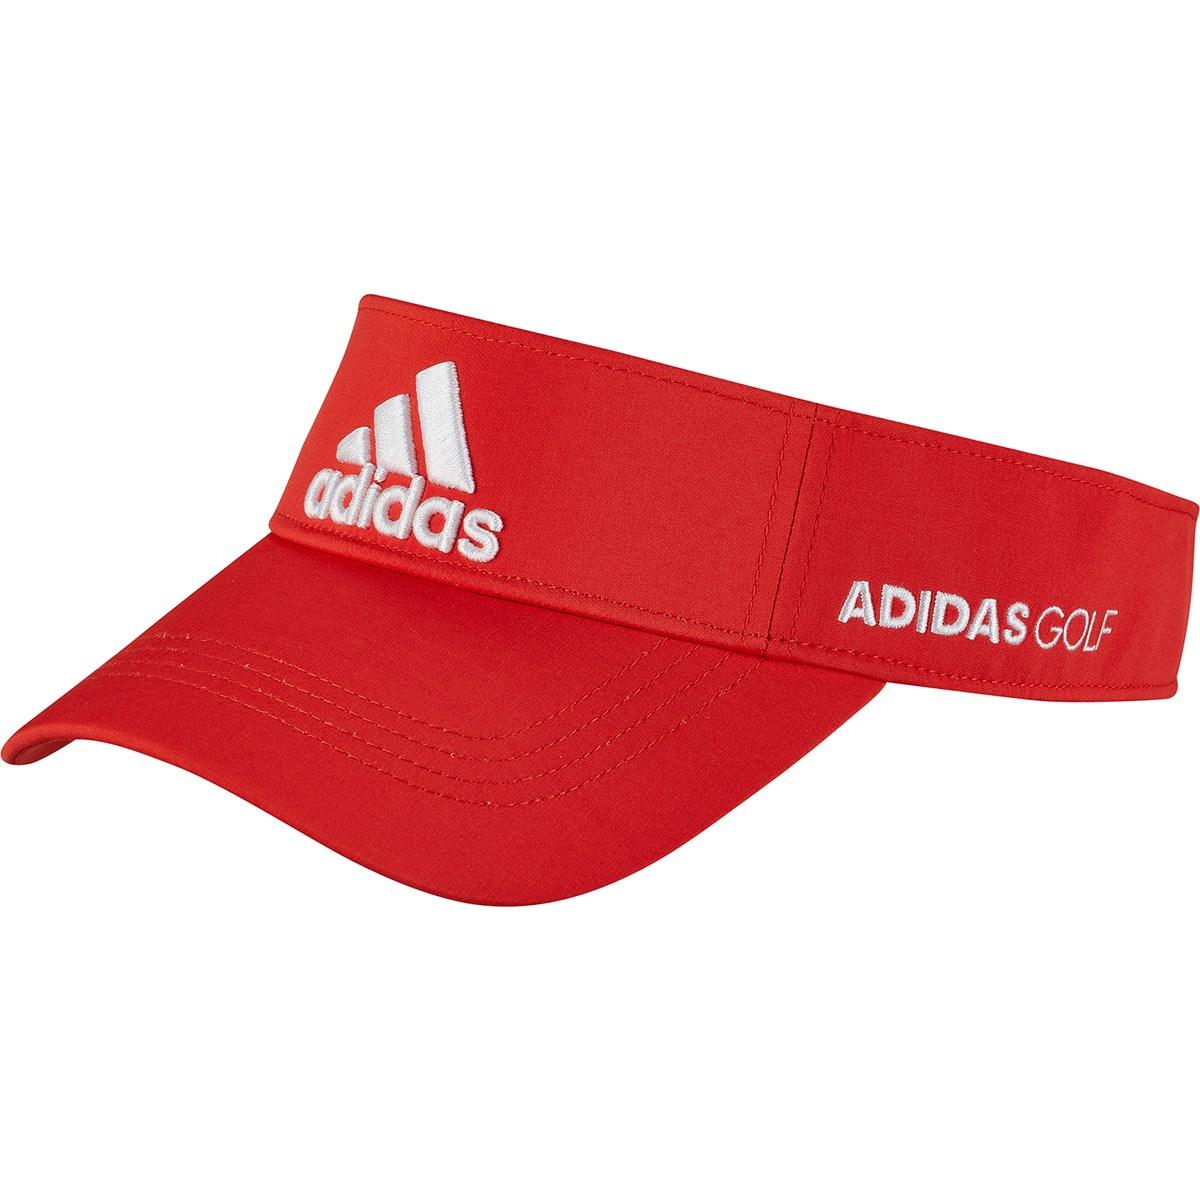 アディダス Adidas ツアーサンバイザー OSFX レッド